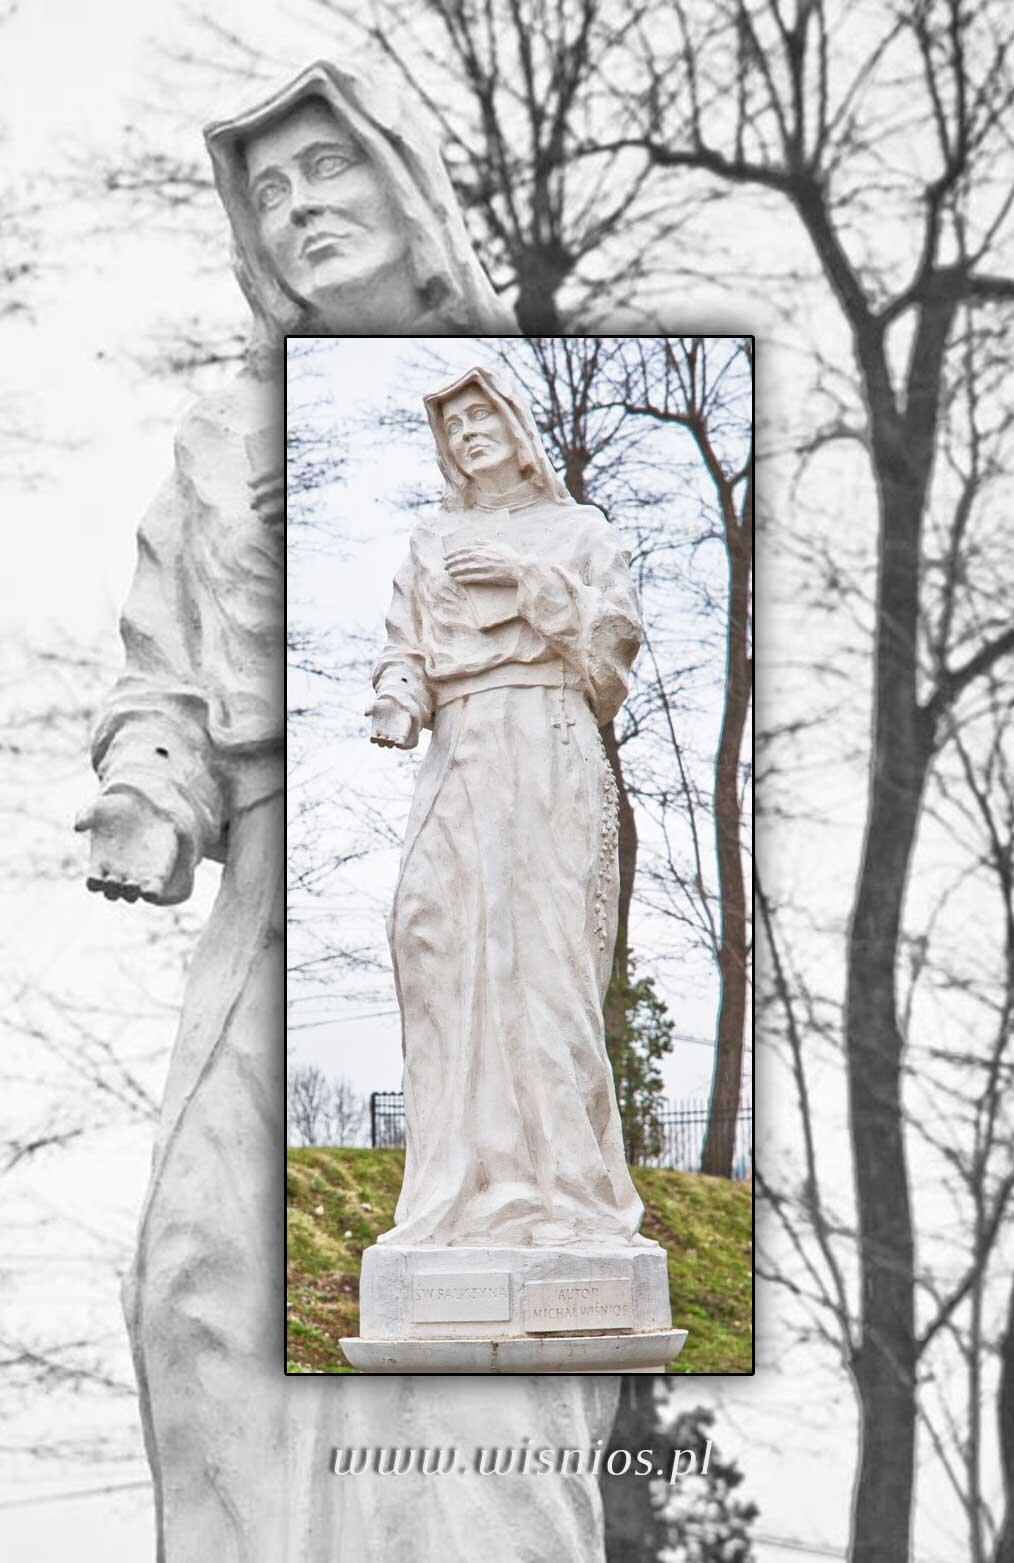 Św-Faustyna-rzeźba-wisnios